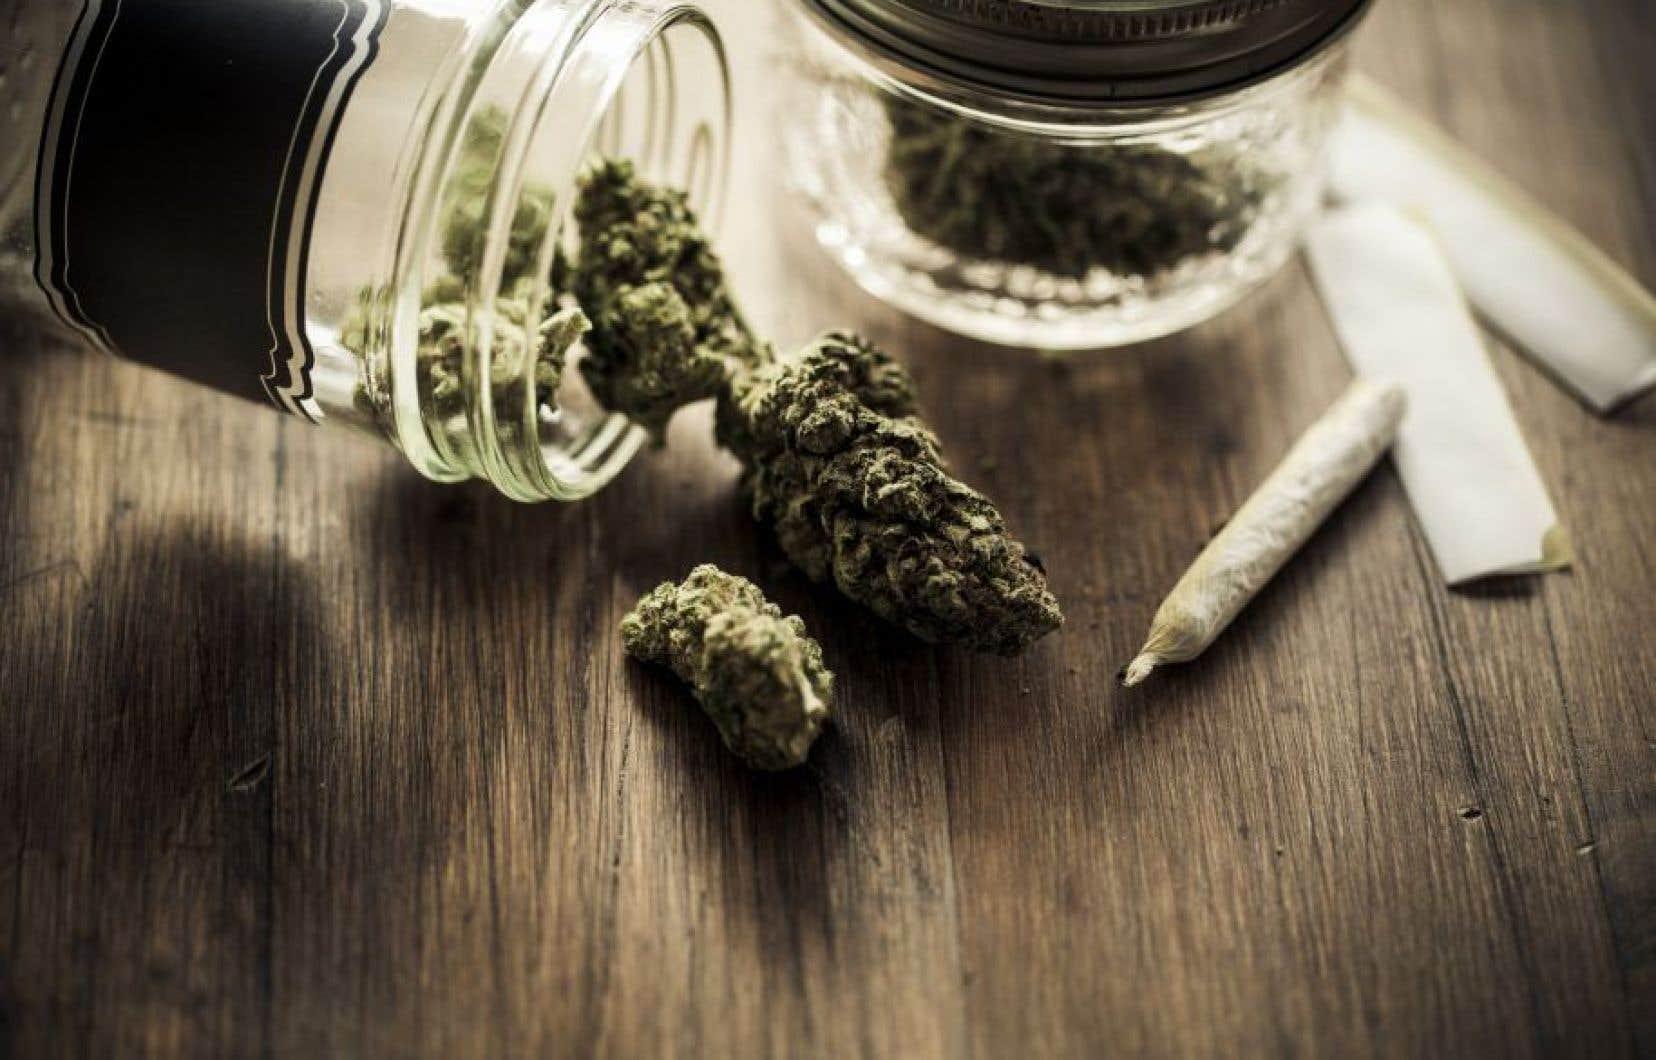 Le gouvernement Trudeau veut s'assurer que le cannabis ne soit pas redirigé vers le marché noir.